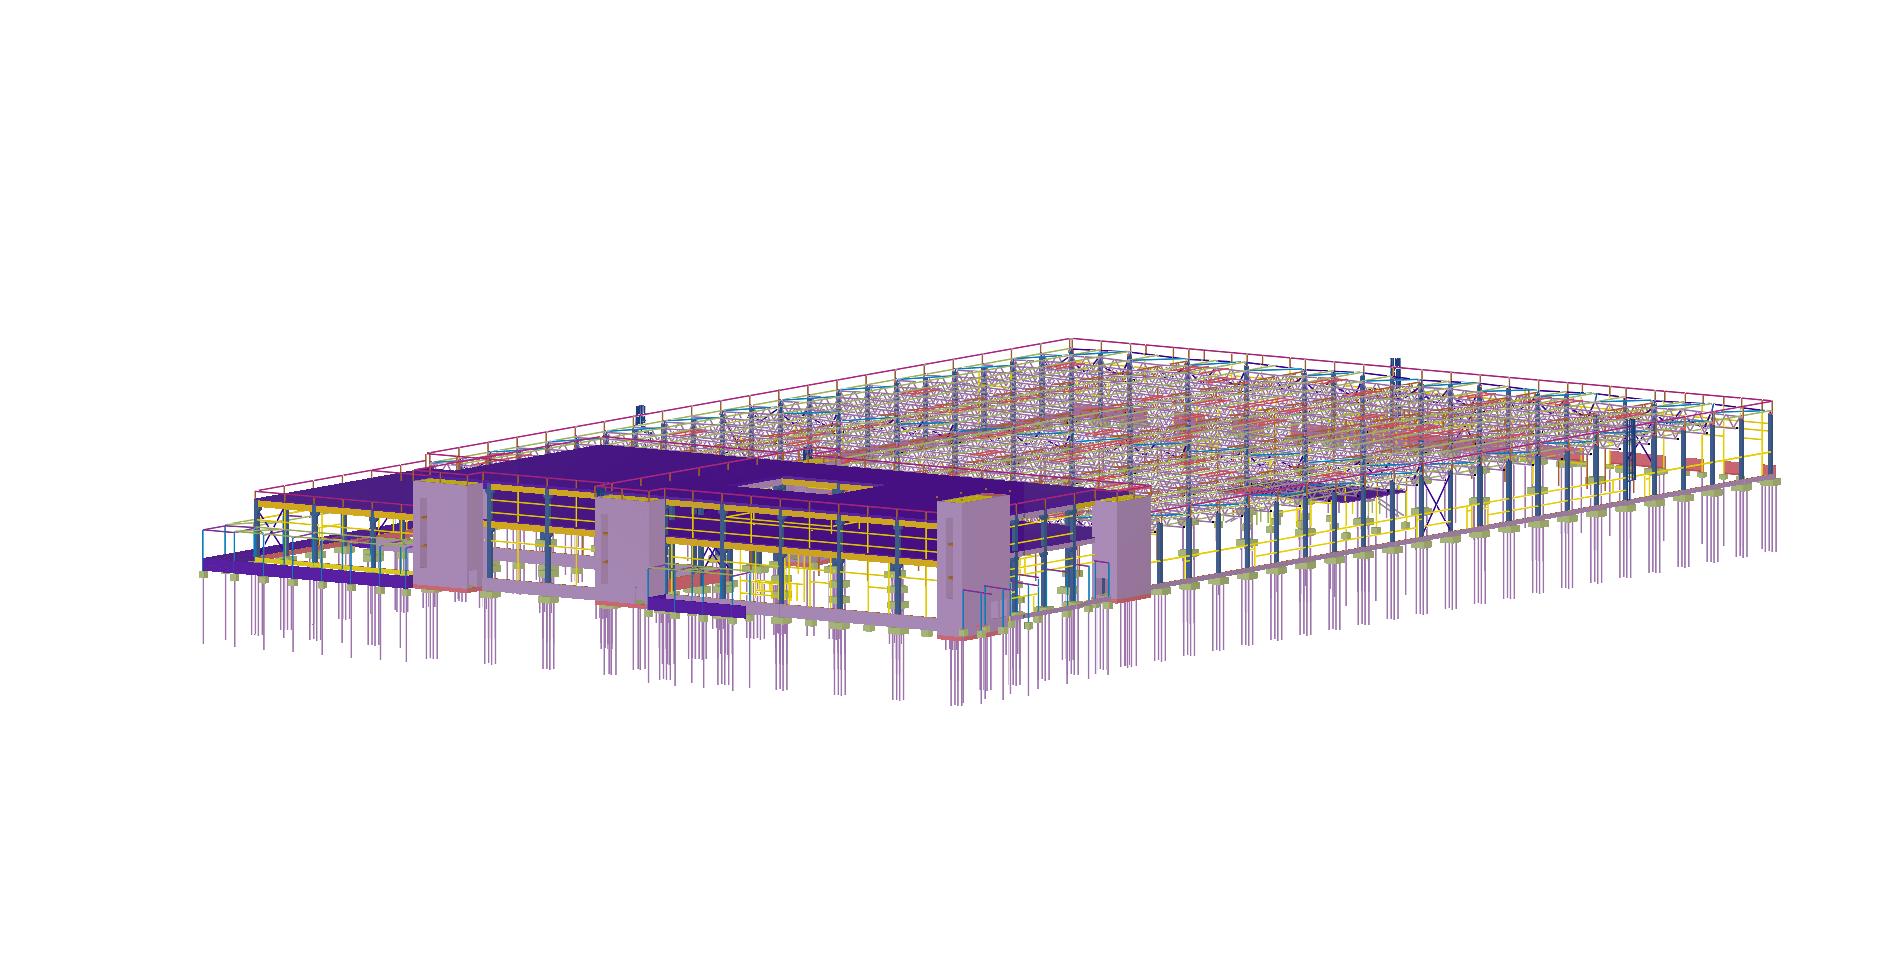 FITSOUT baldų gamyklos projektavimas BIM aplinkoje